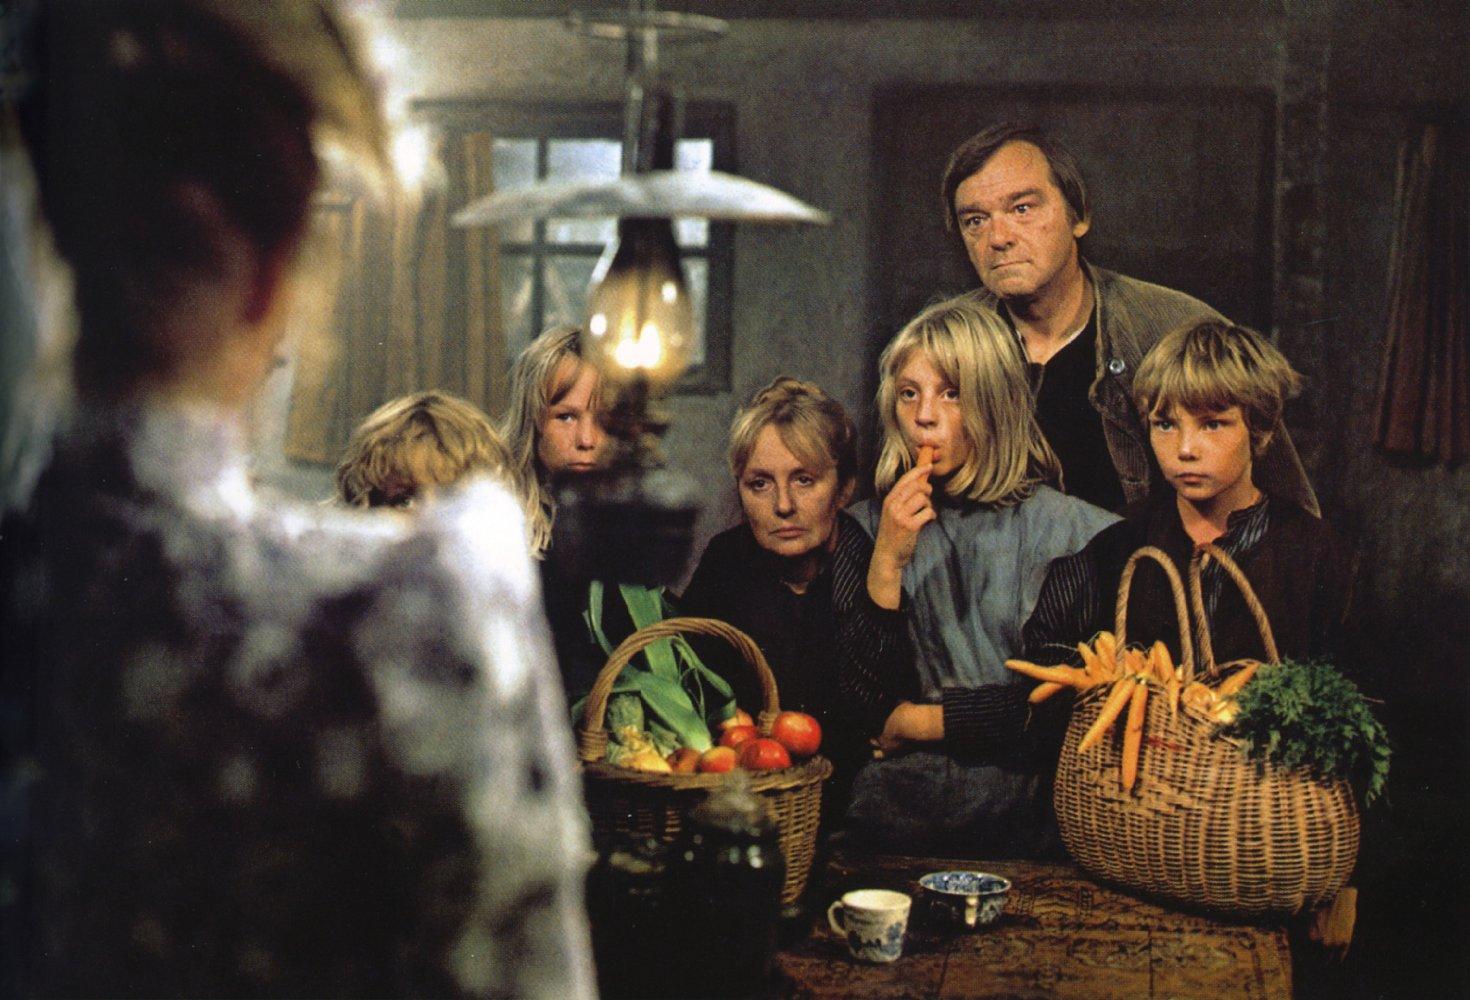 Katie Tippel (1975)